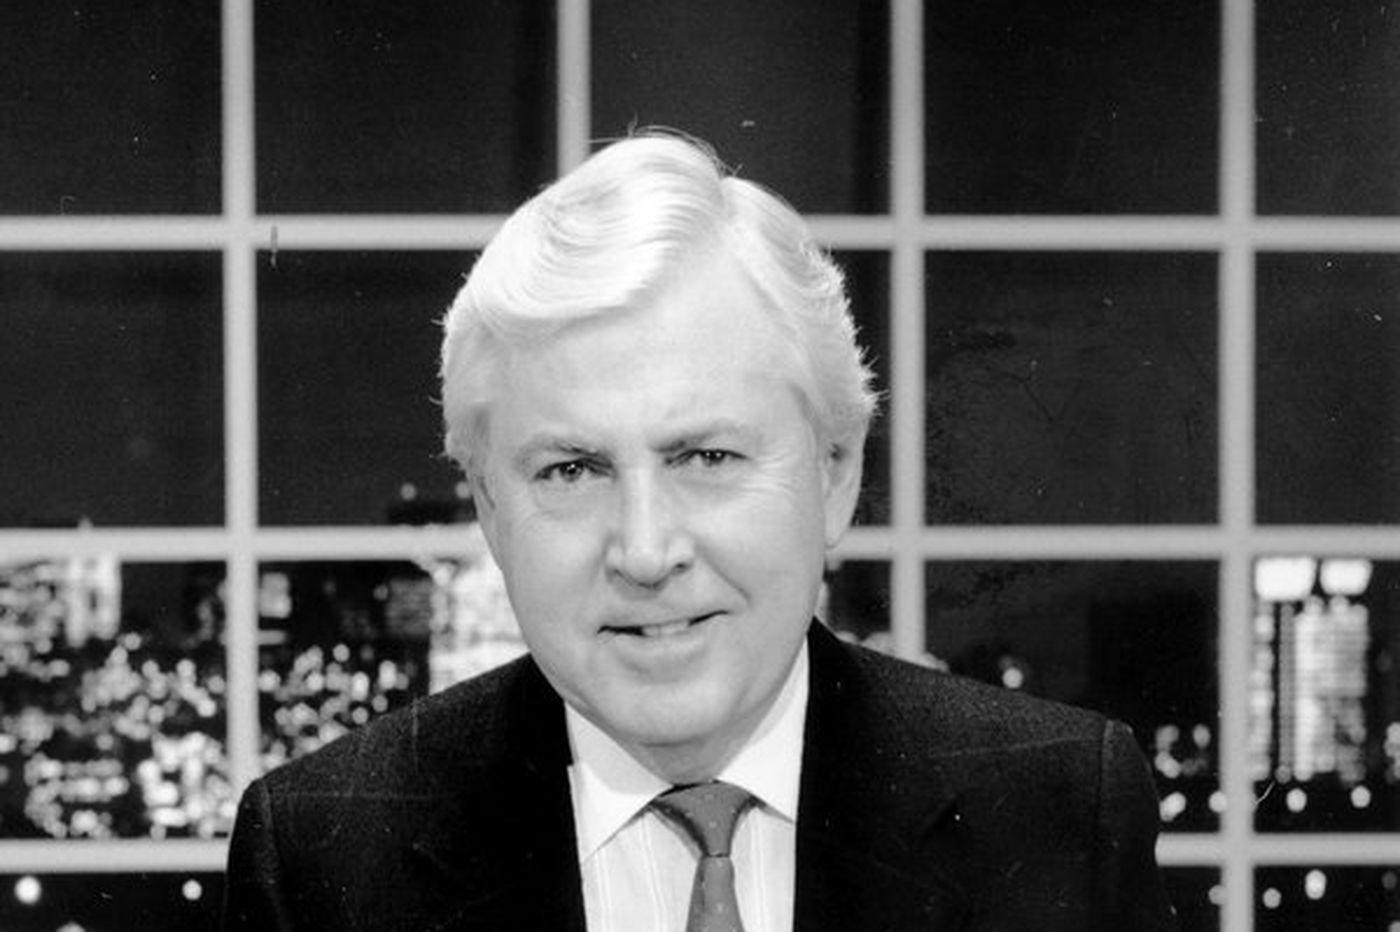 Lee McCarthy, 71, longtime TV anchor, dies